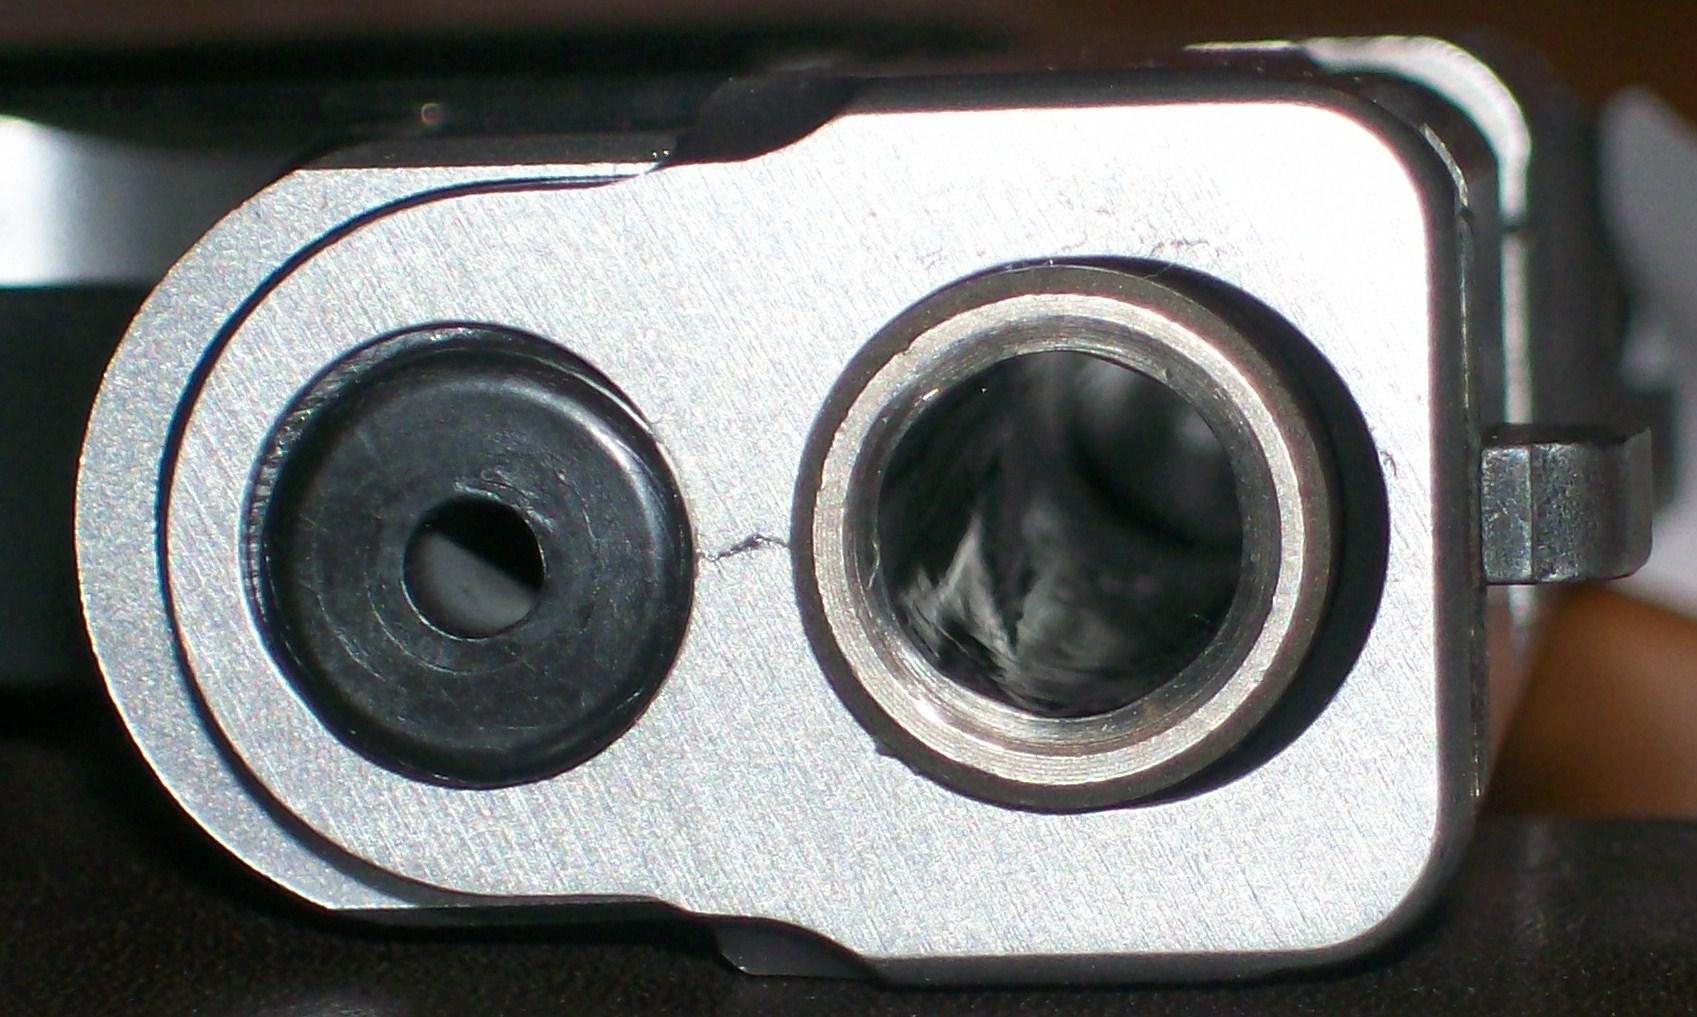 Cracked Kahr MK9 Slide-kahr-crack-1.jpg